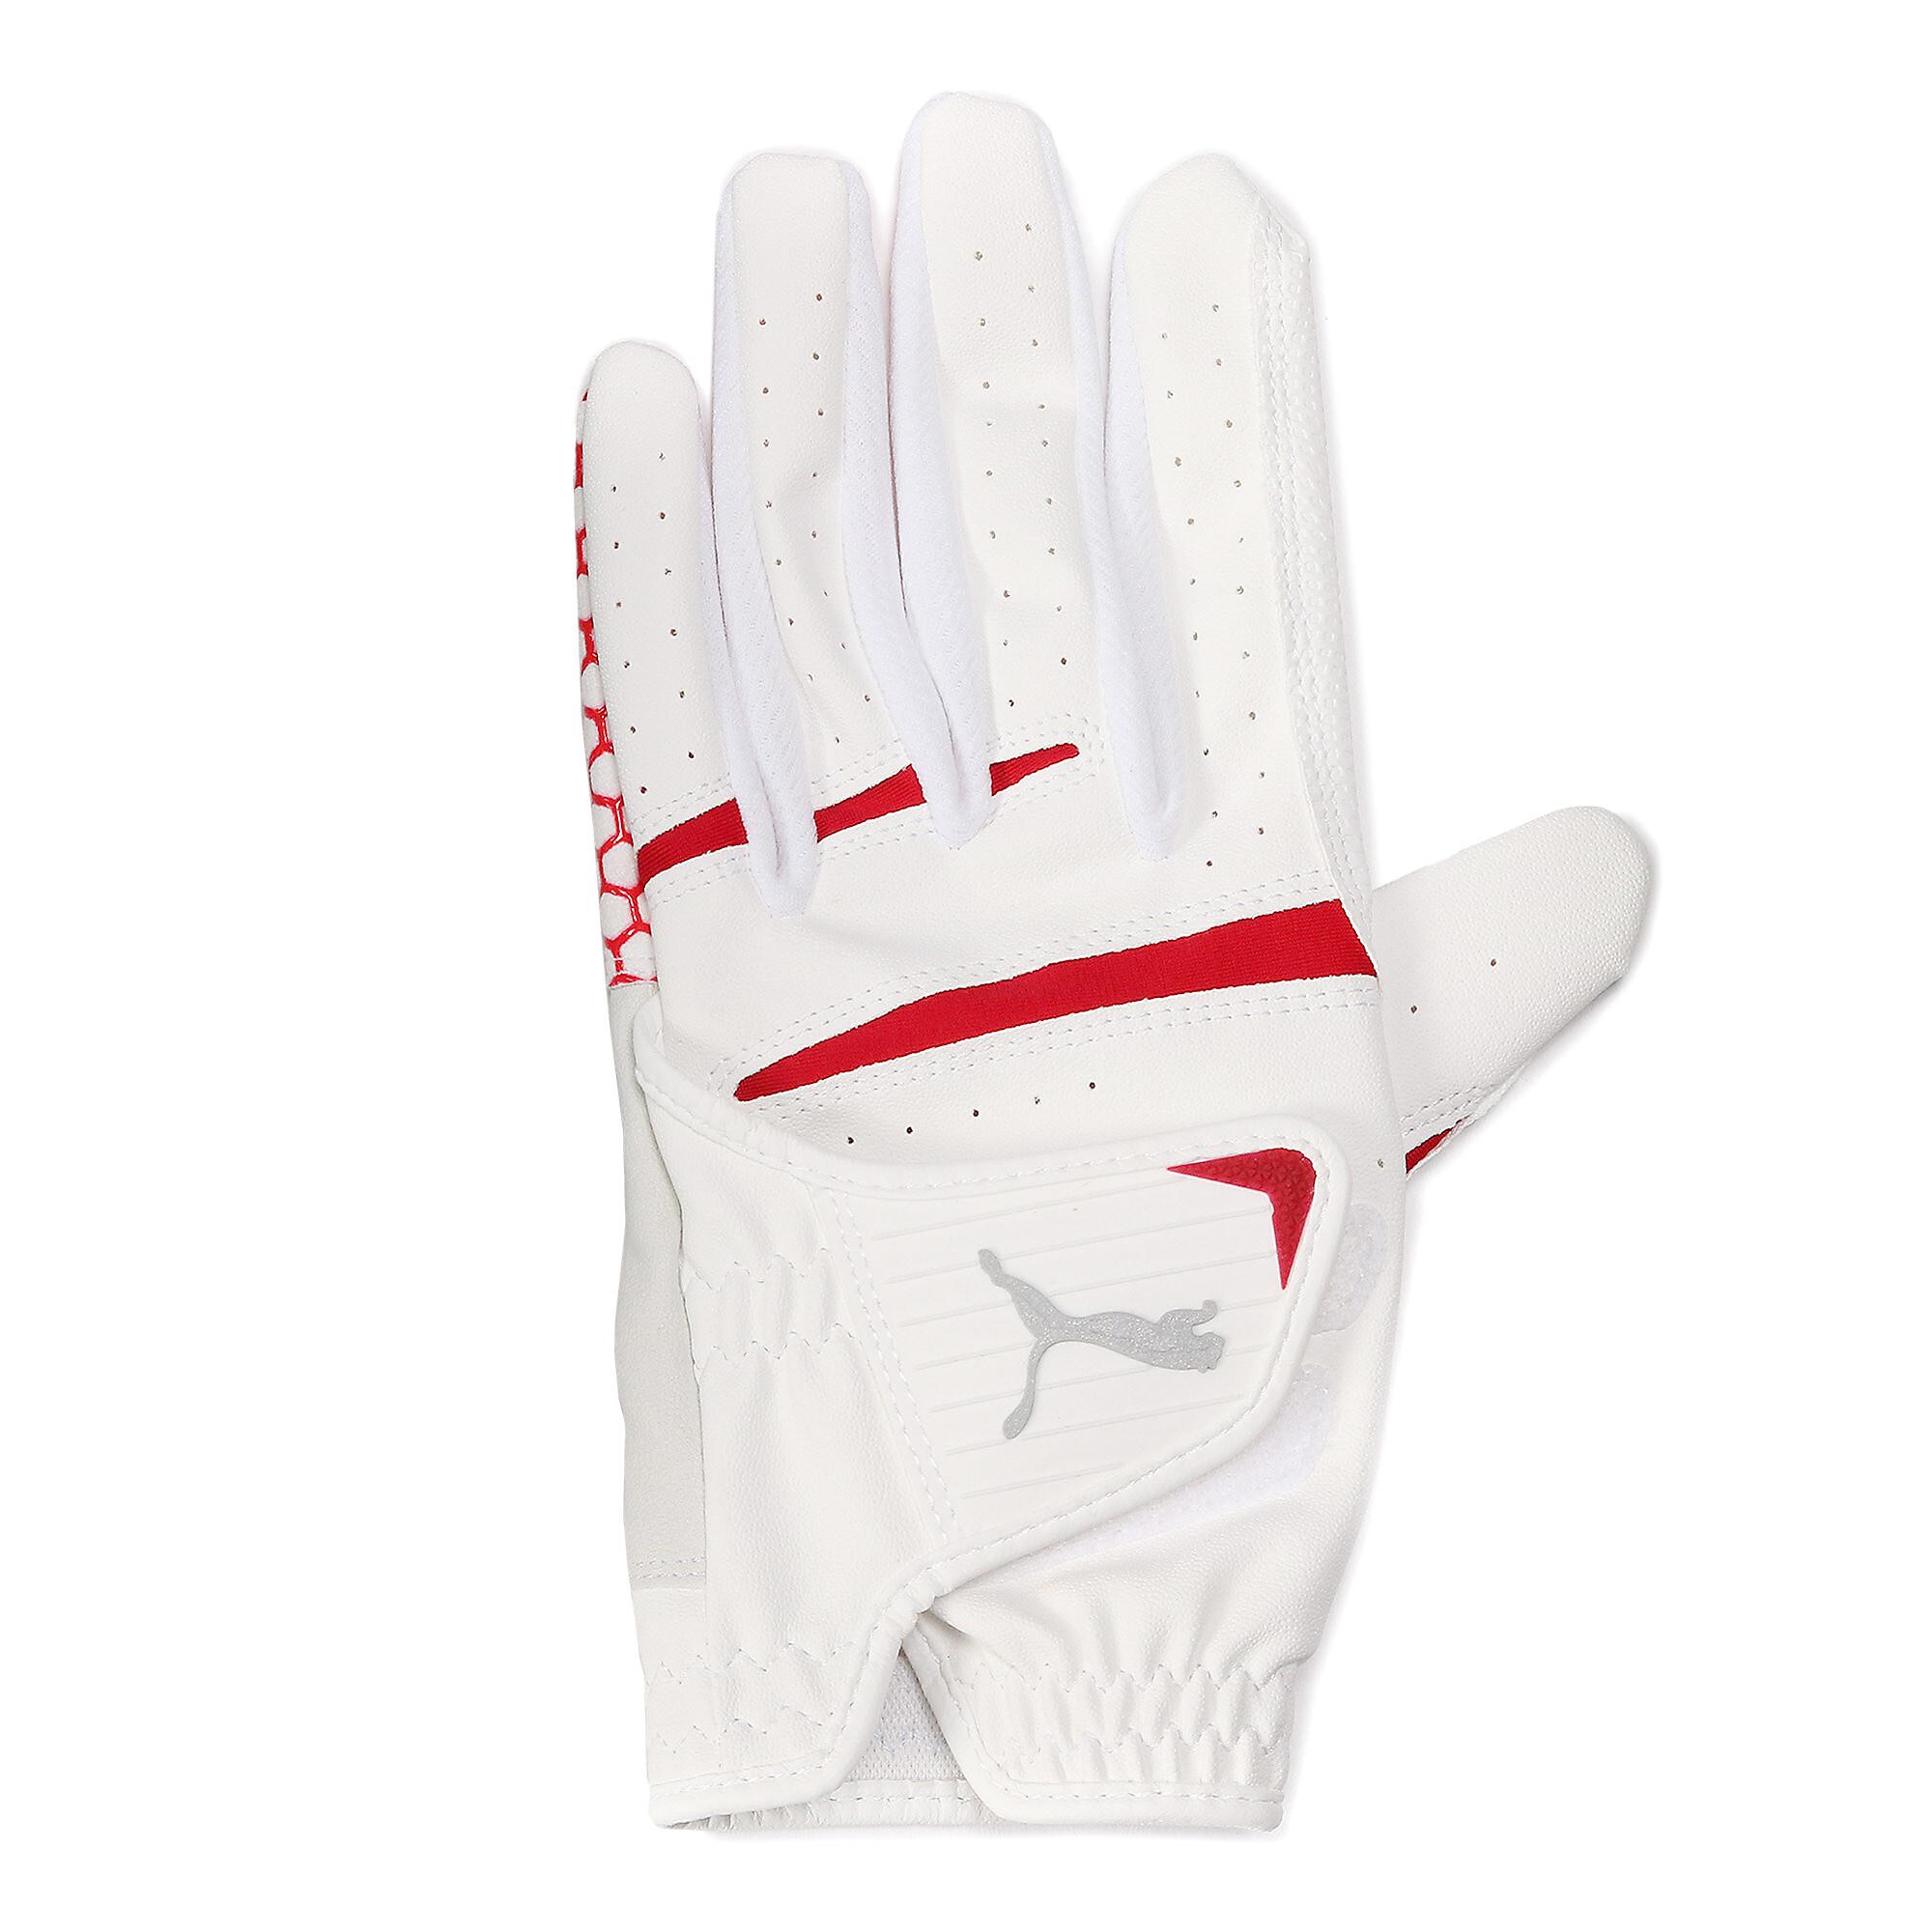 【プーマ公式通販】 プーマ ゴルフ HEXA グリップ グローブ 左手用 メンズ BRIGHT WHITE-PUMA RED |PUMA.com